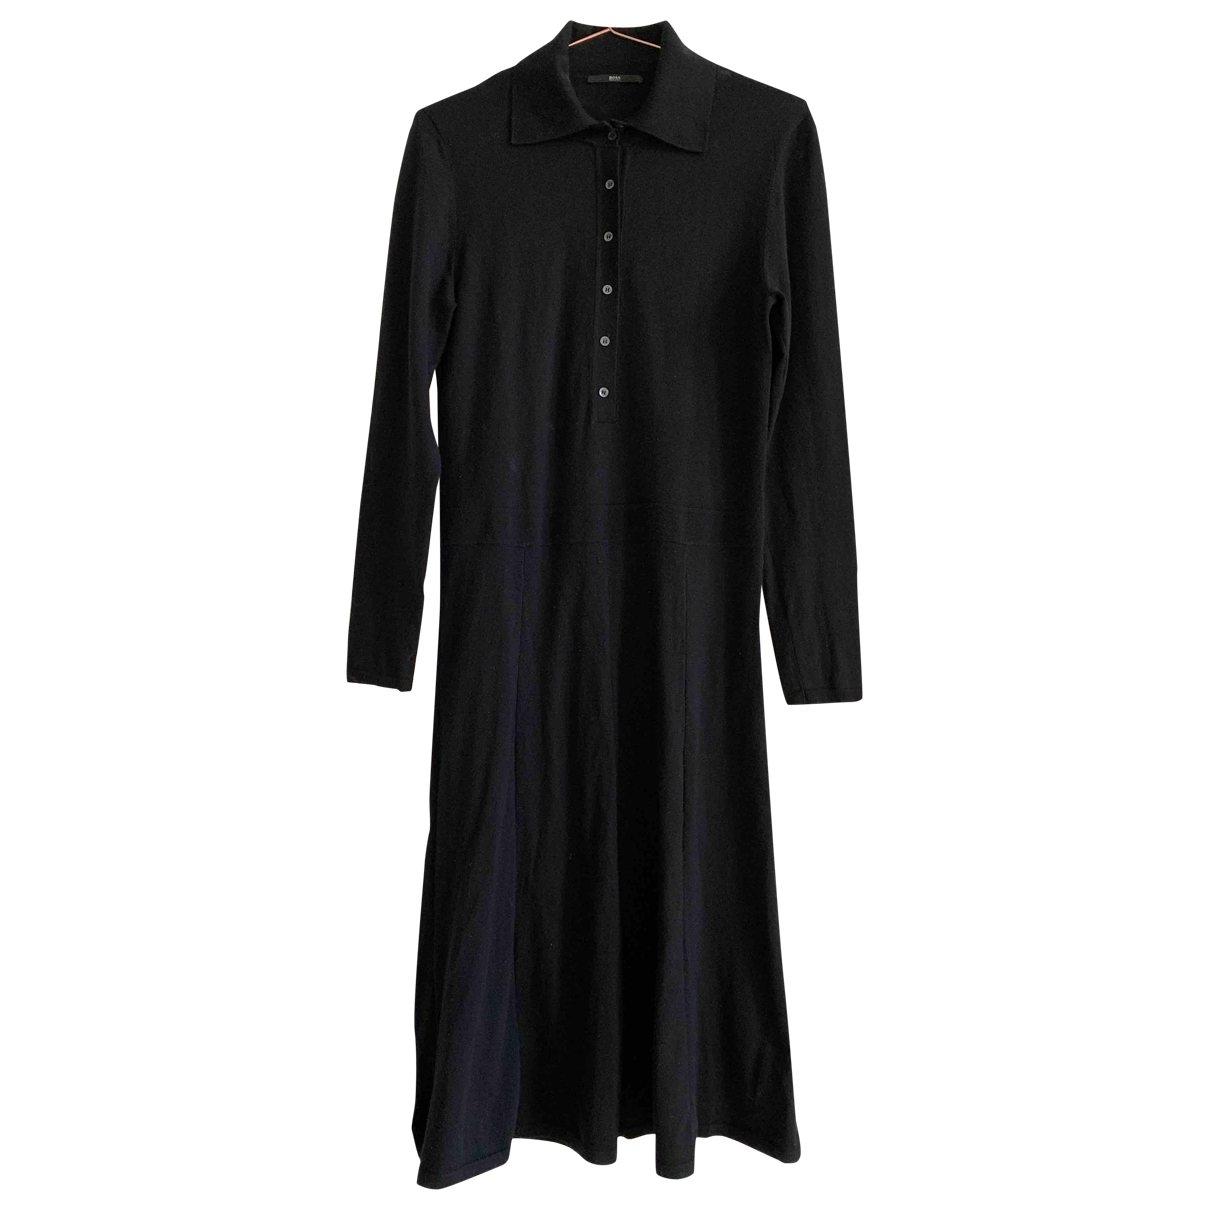 Boss \N Black Wool dress for Women L International